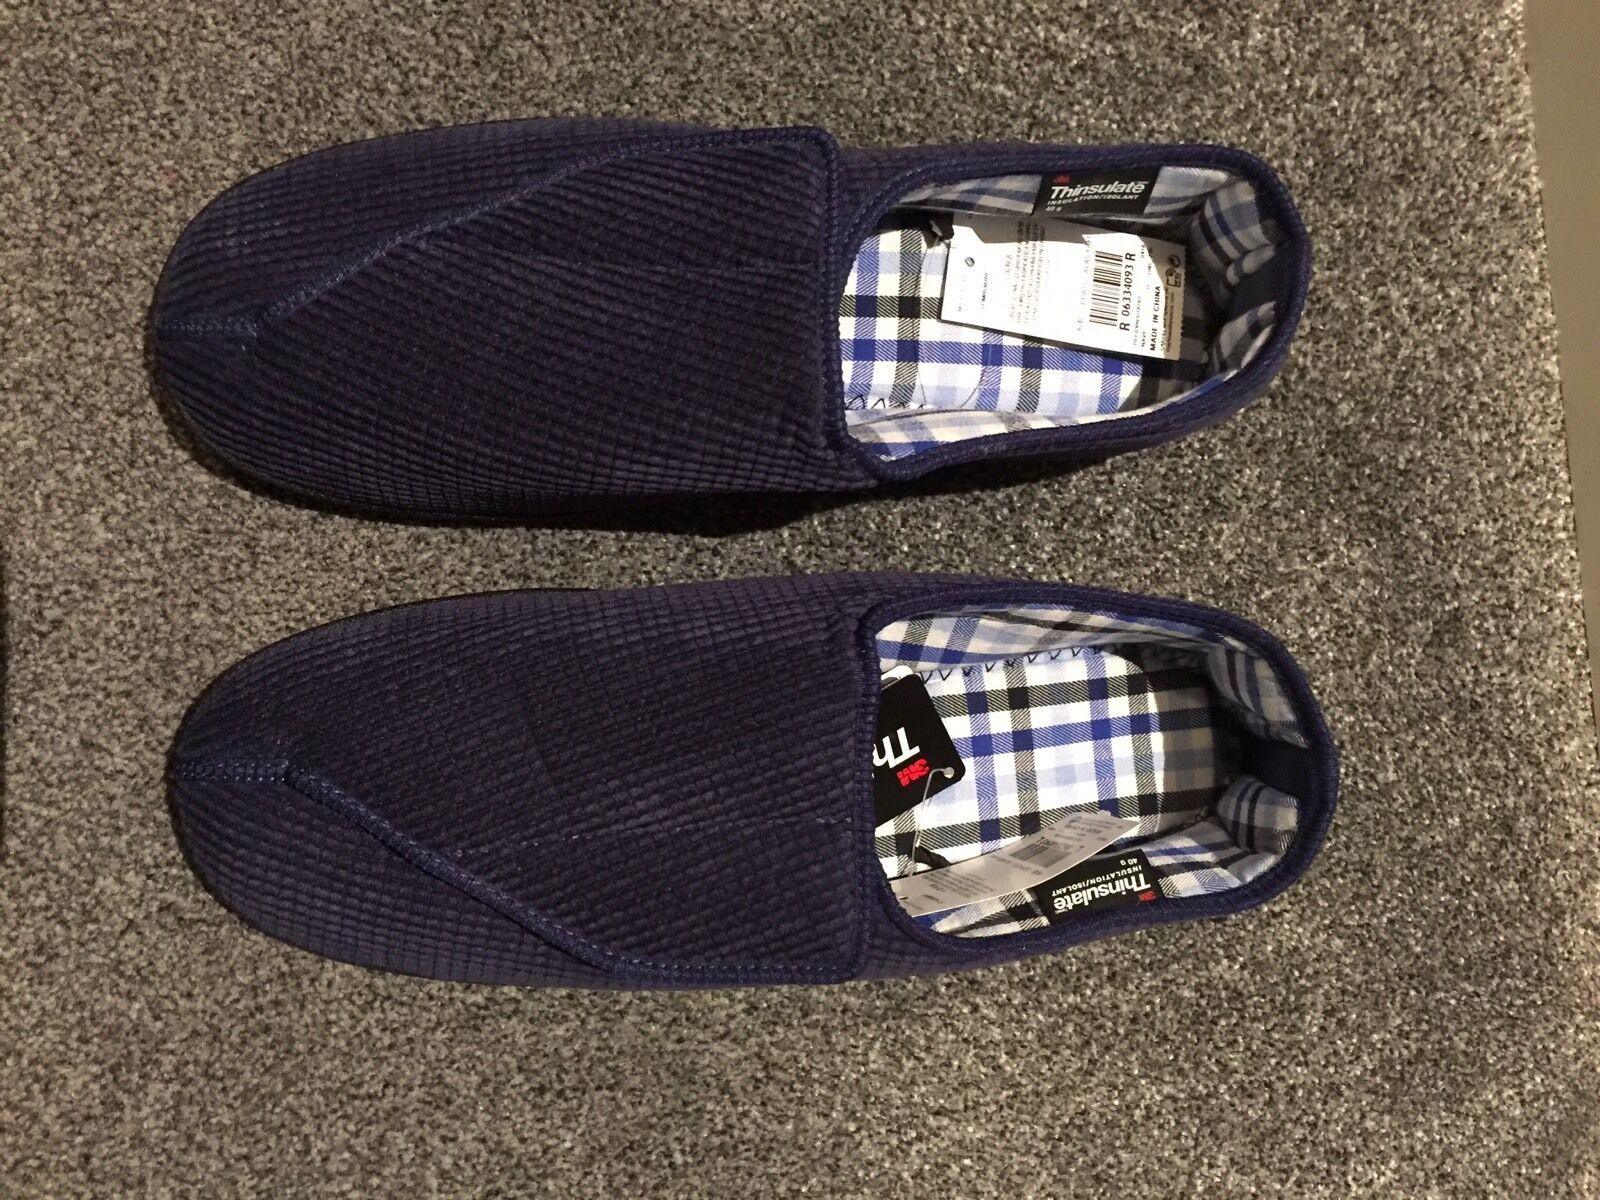 Mens Size 9 Velcro Slippers Marks And Spencer Ebay